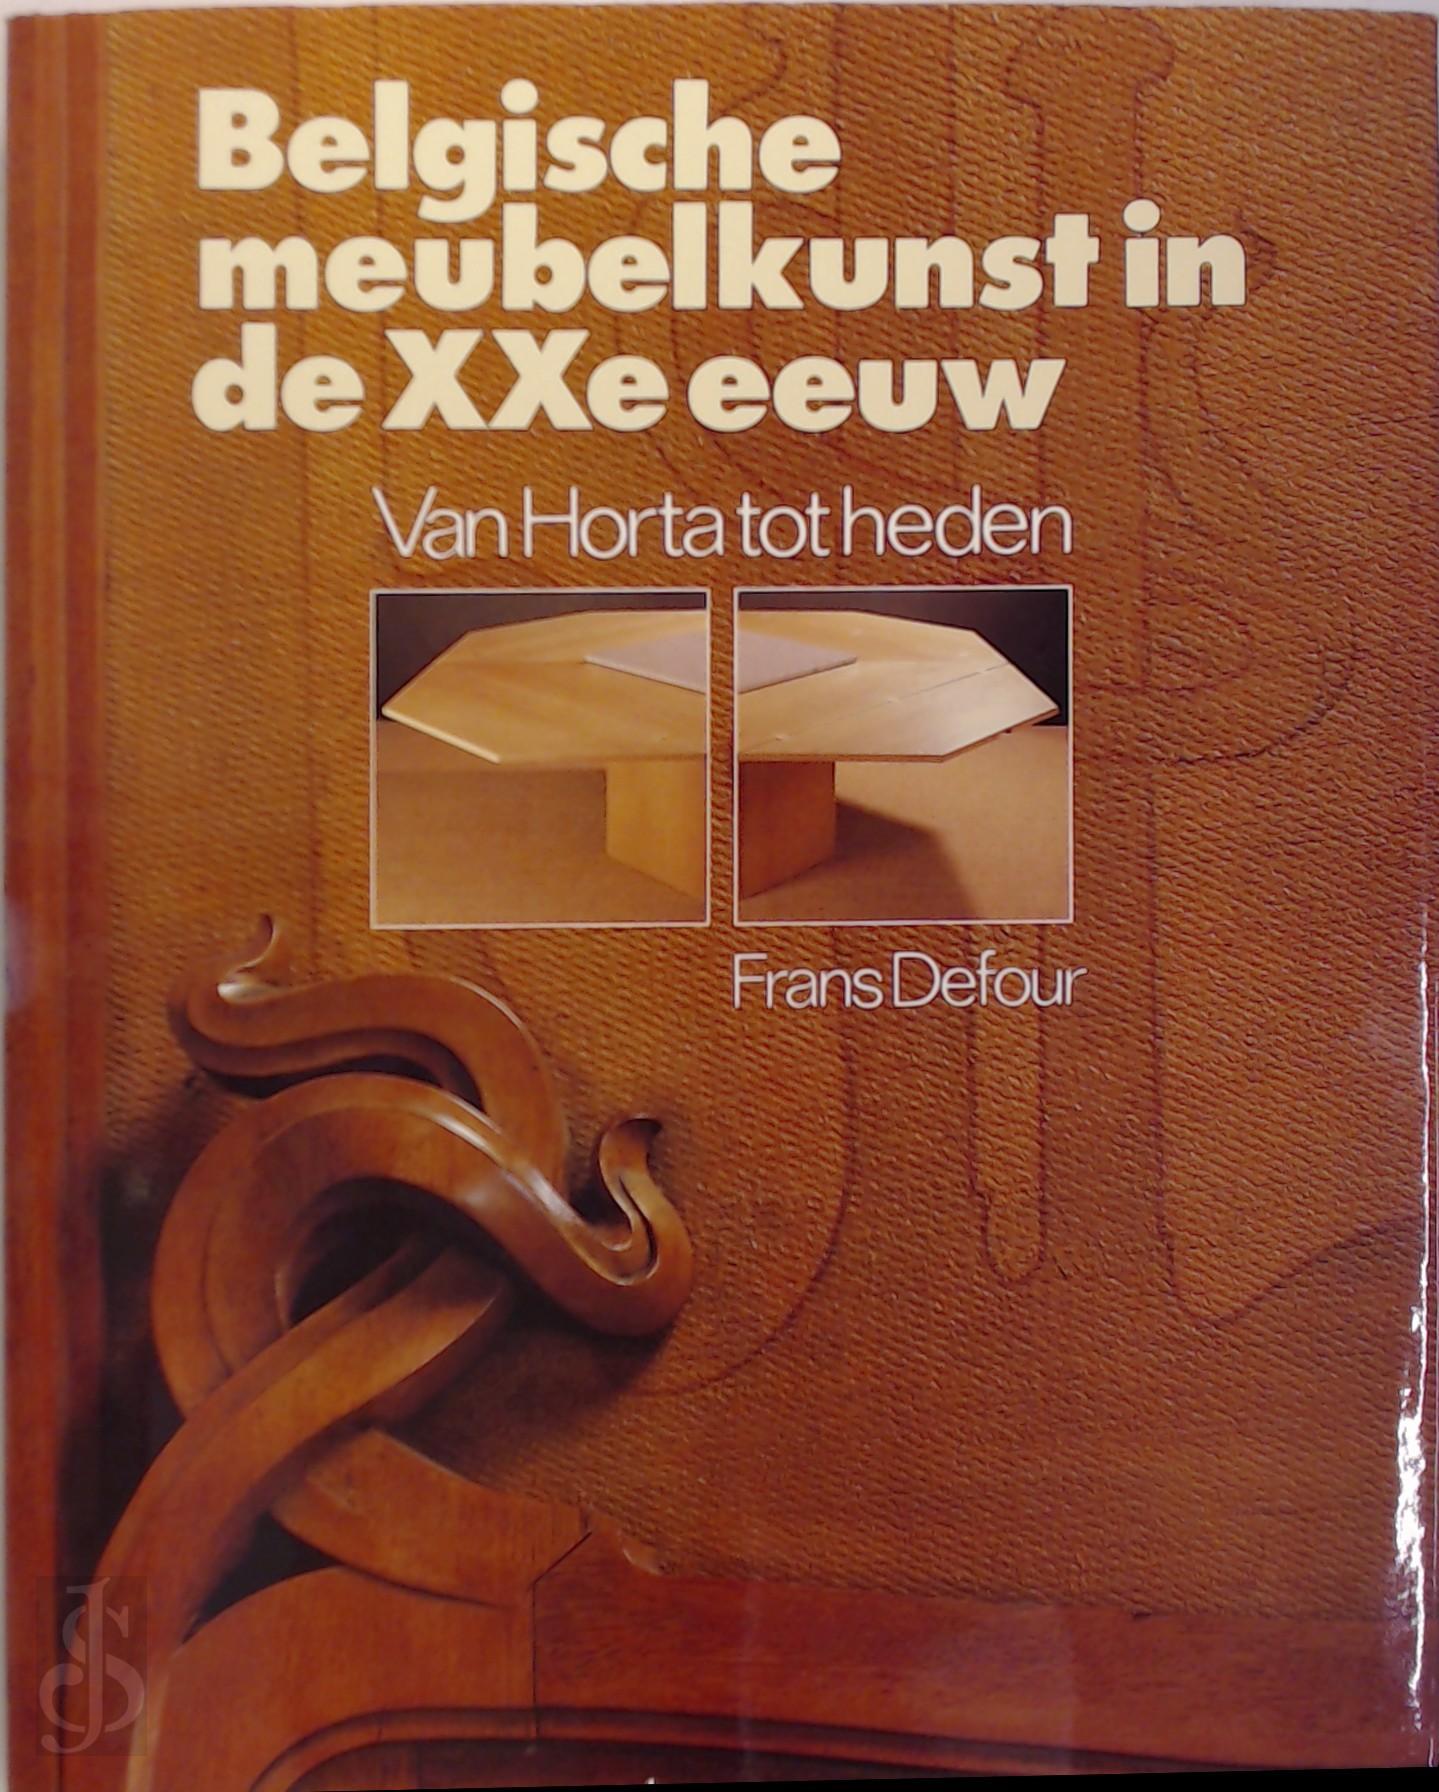 Belgische meubelkunst in de...